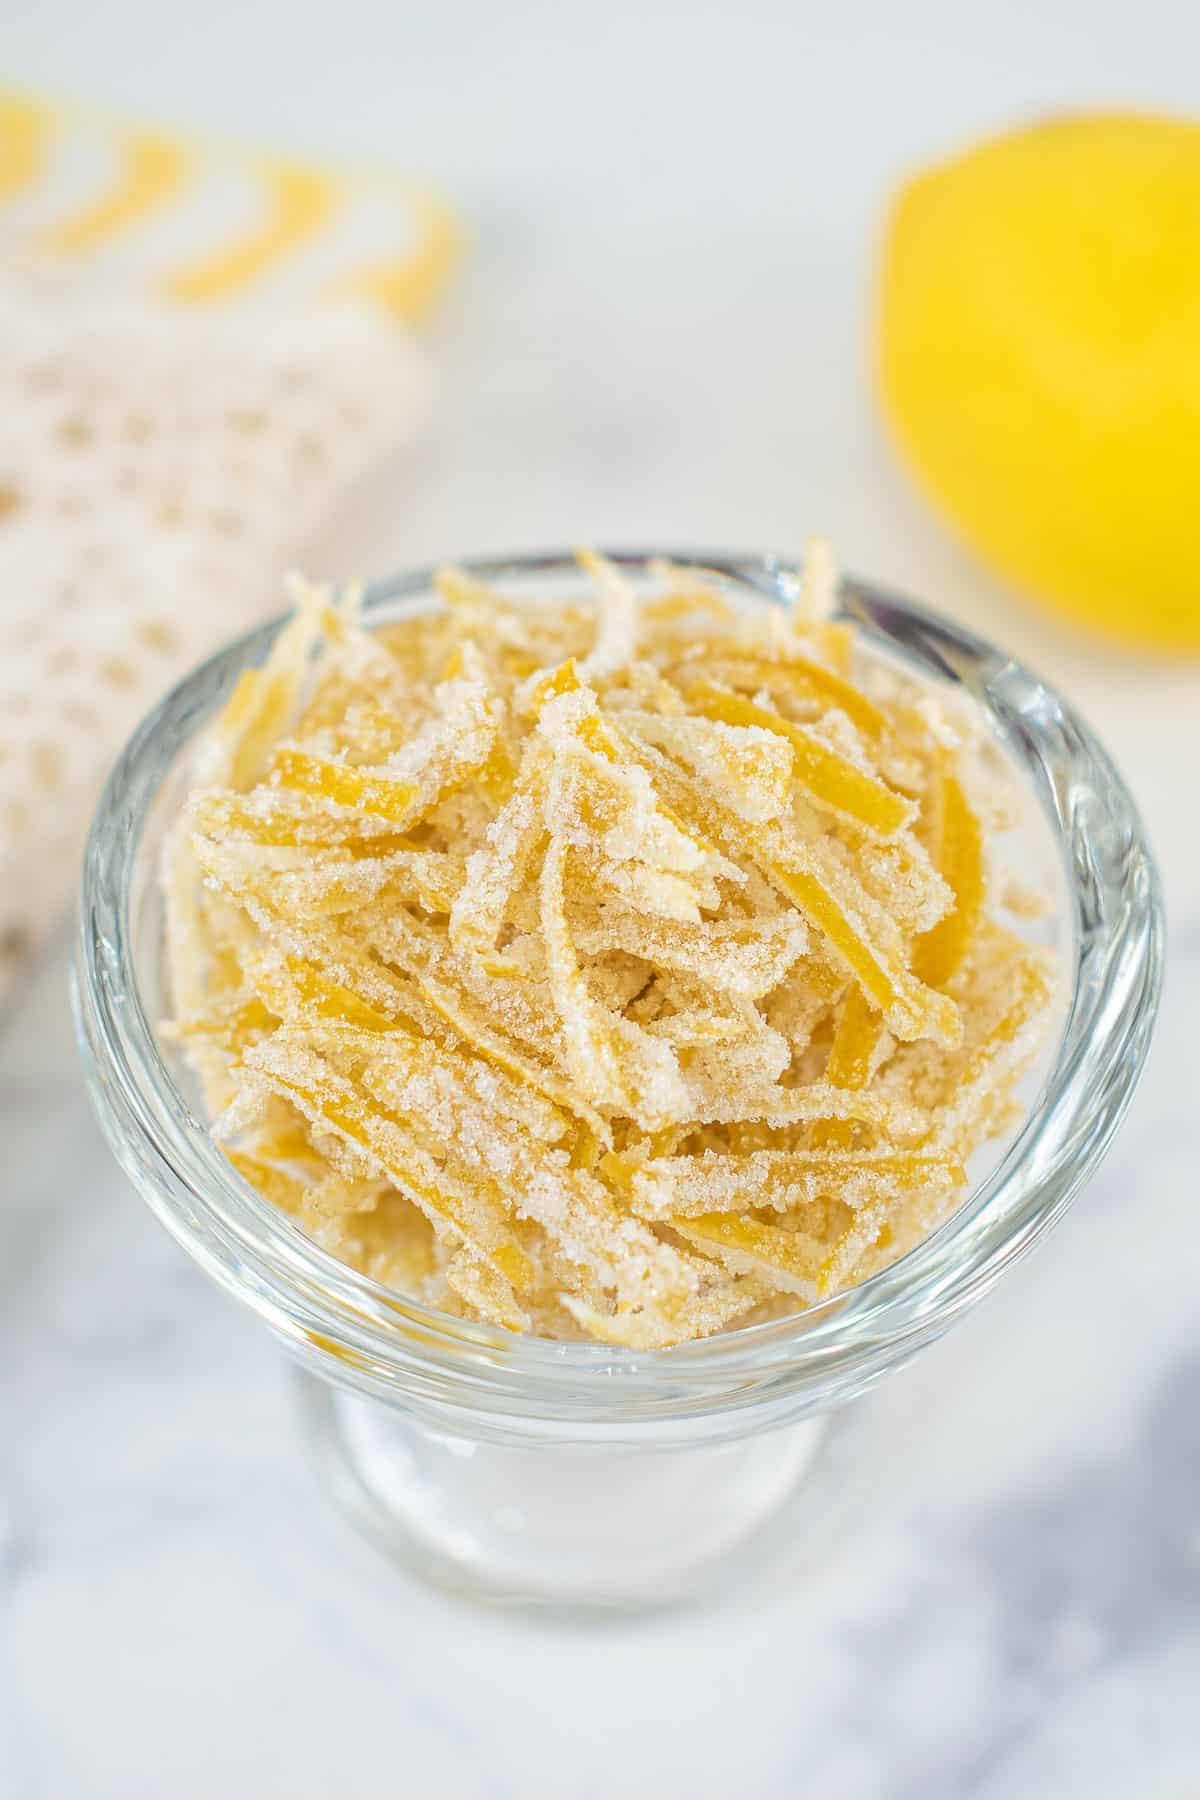 A jar of candied lemon peel